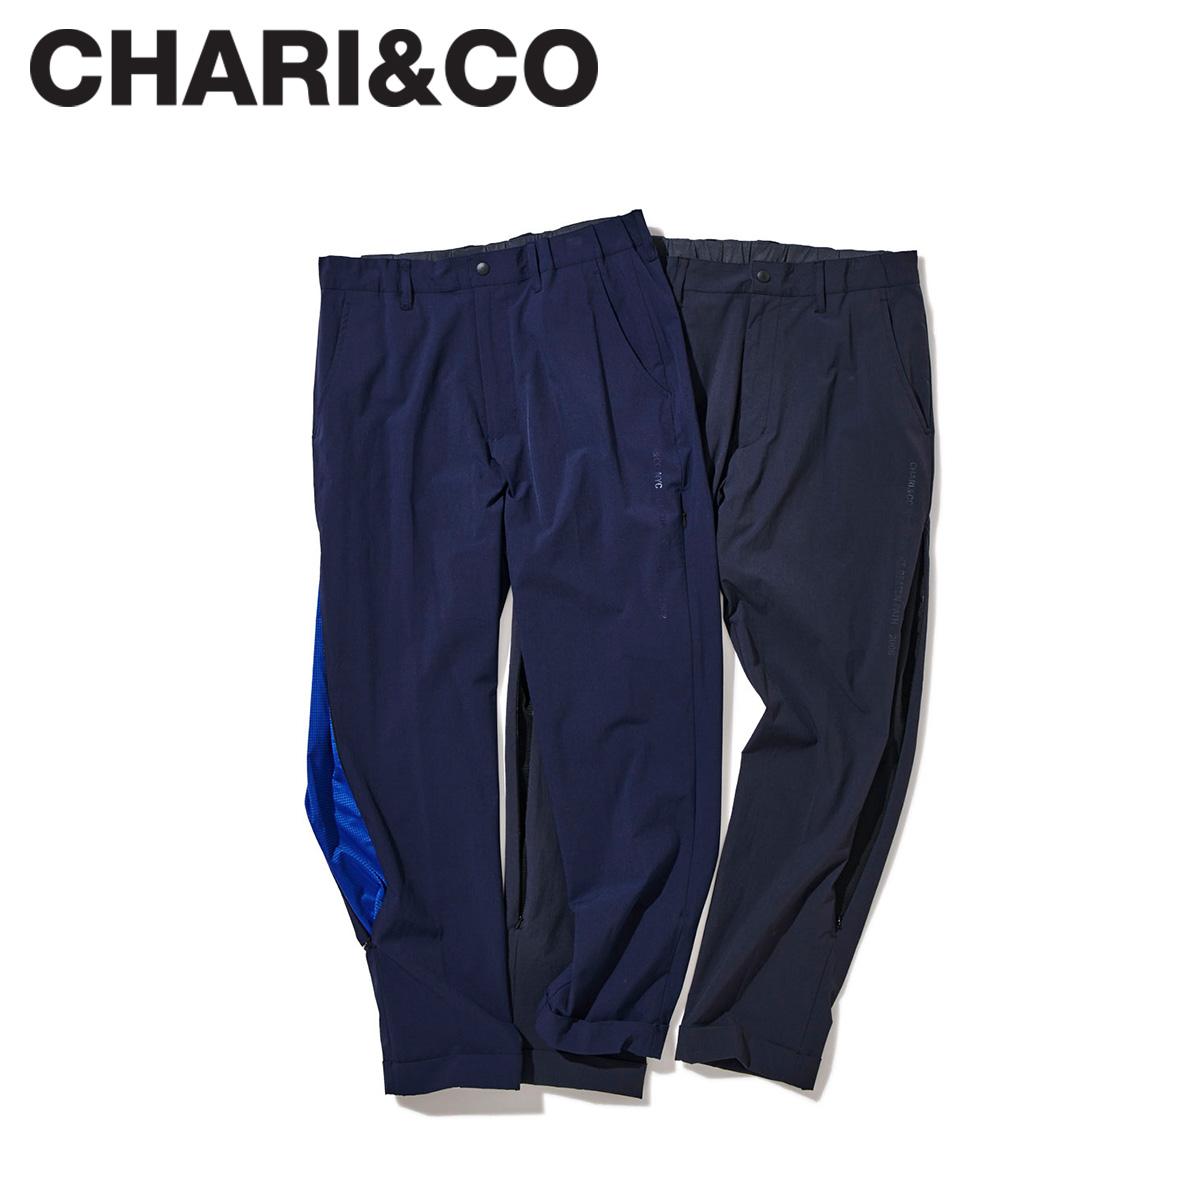 CHARI&CO チャリアンドコー パンツ トラックパンツ メンズ OFF THE OFFICE STRETCH PANTS ブラック ネイビー 黒 [10月 新入荷]